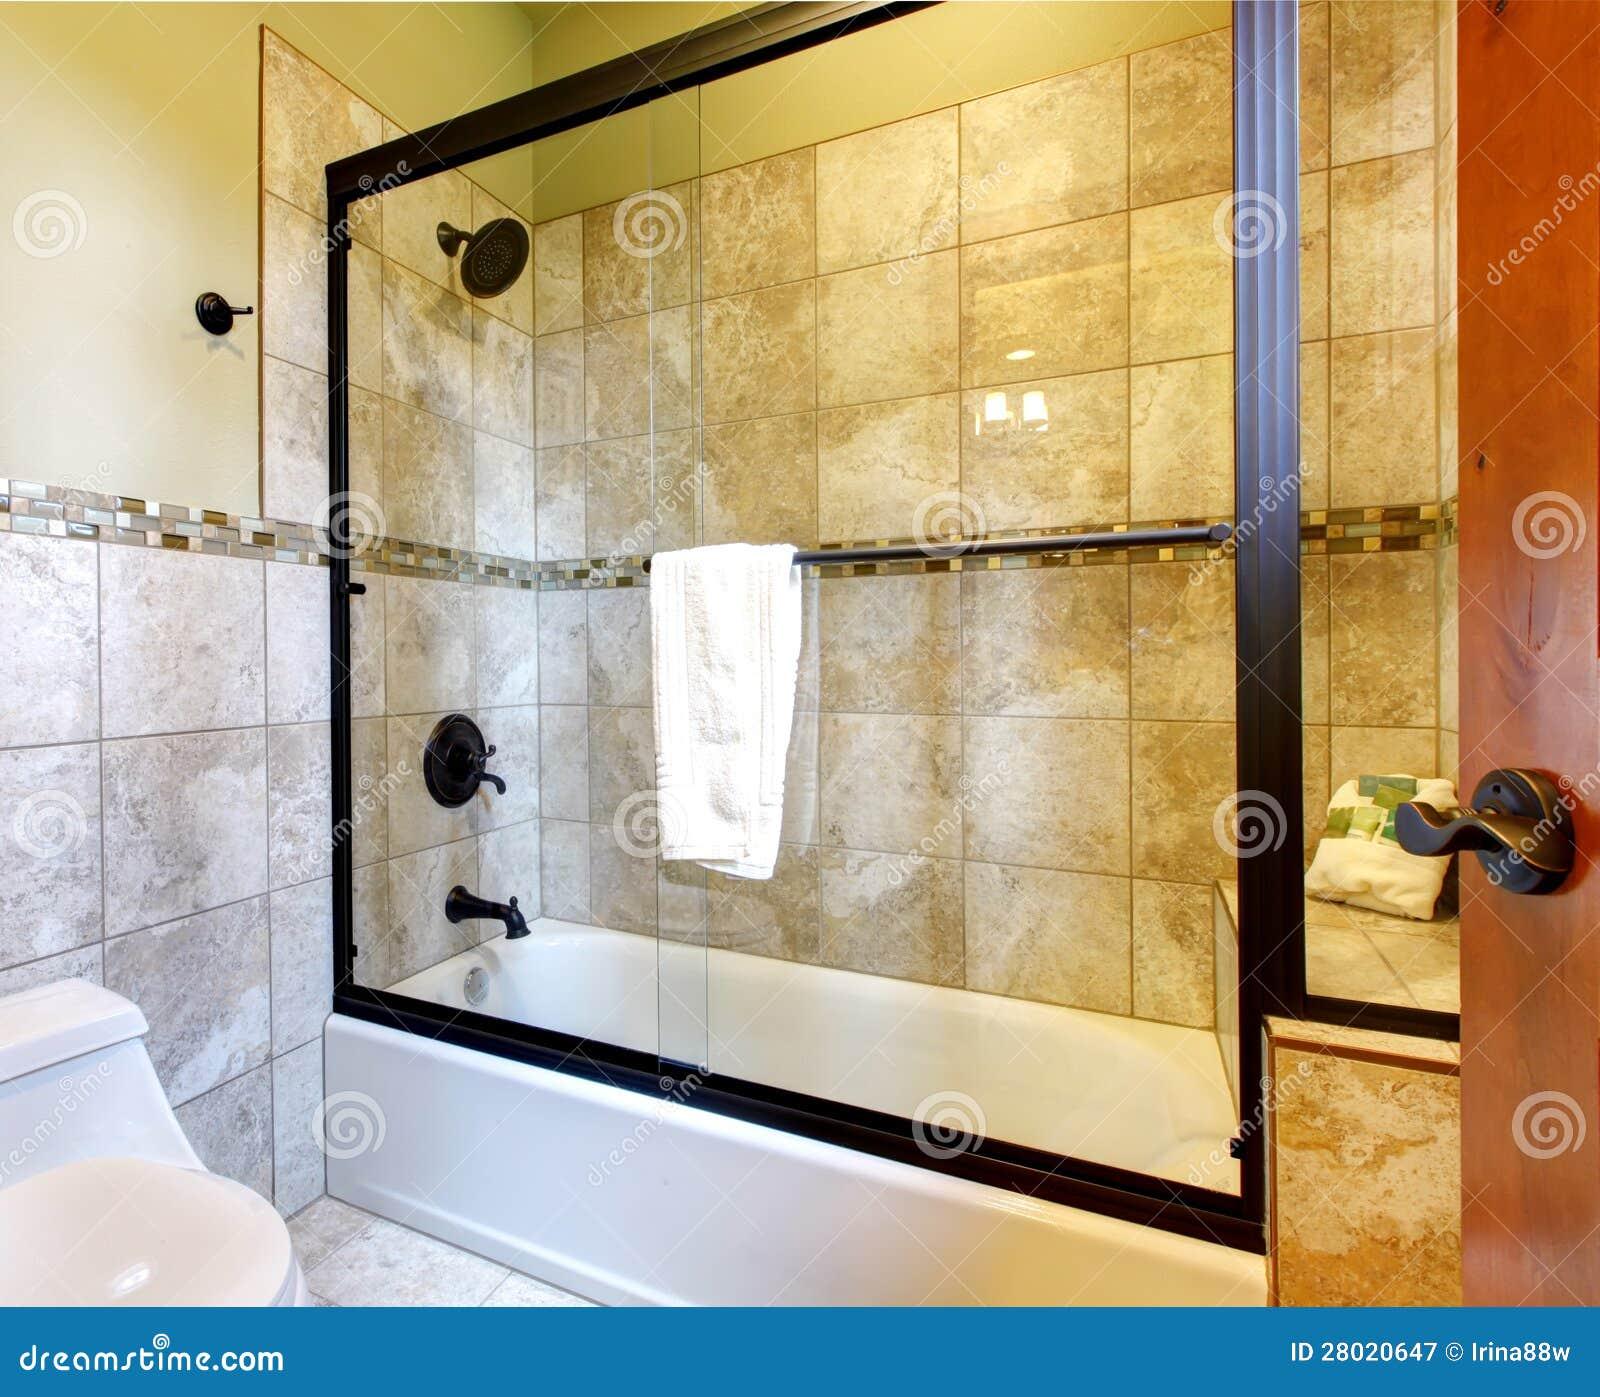 hochwertige duschen badewanne mit stein stockbild bild von badezimmer frech 28020647. Black Bedroom Furniture Sets. Home Design Ideas